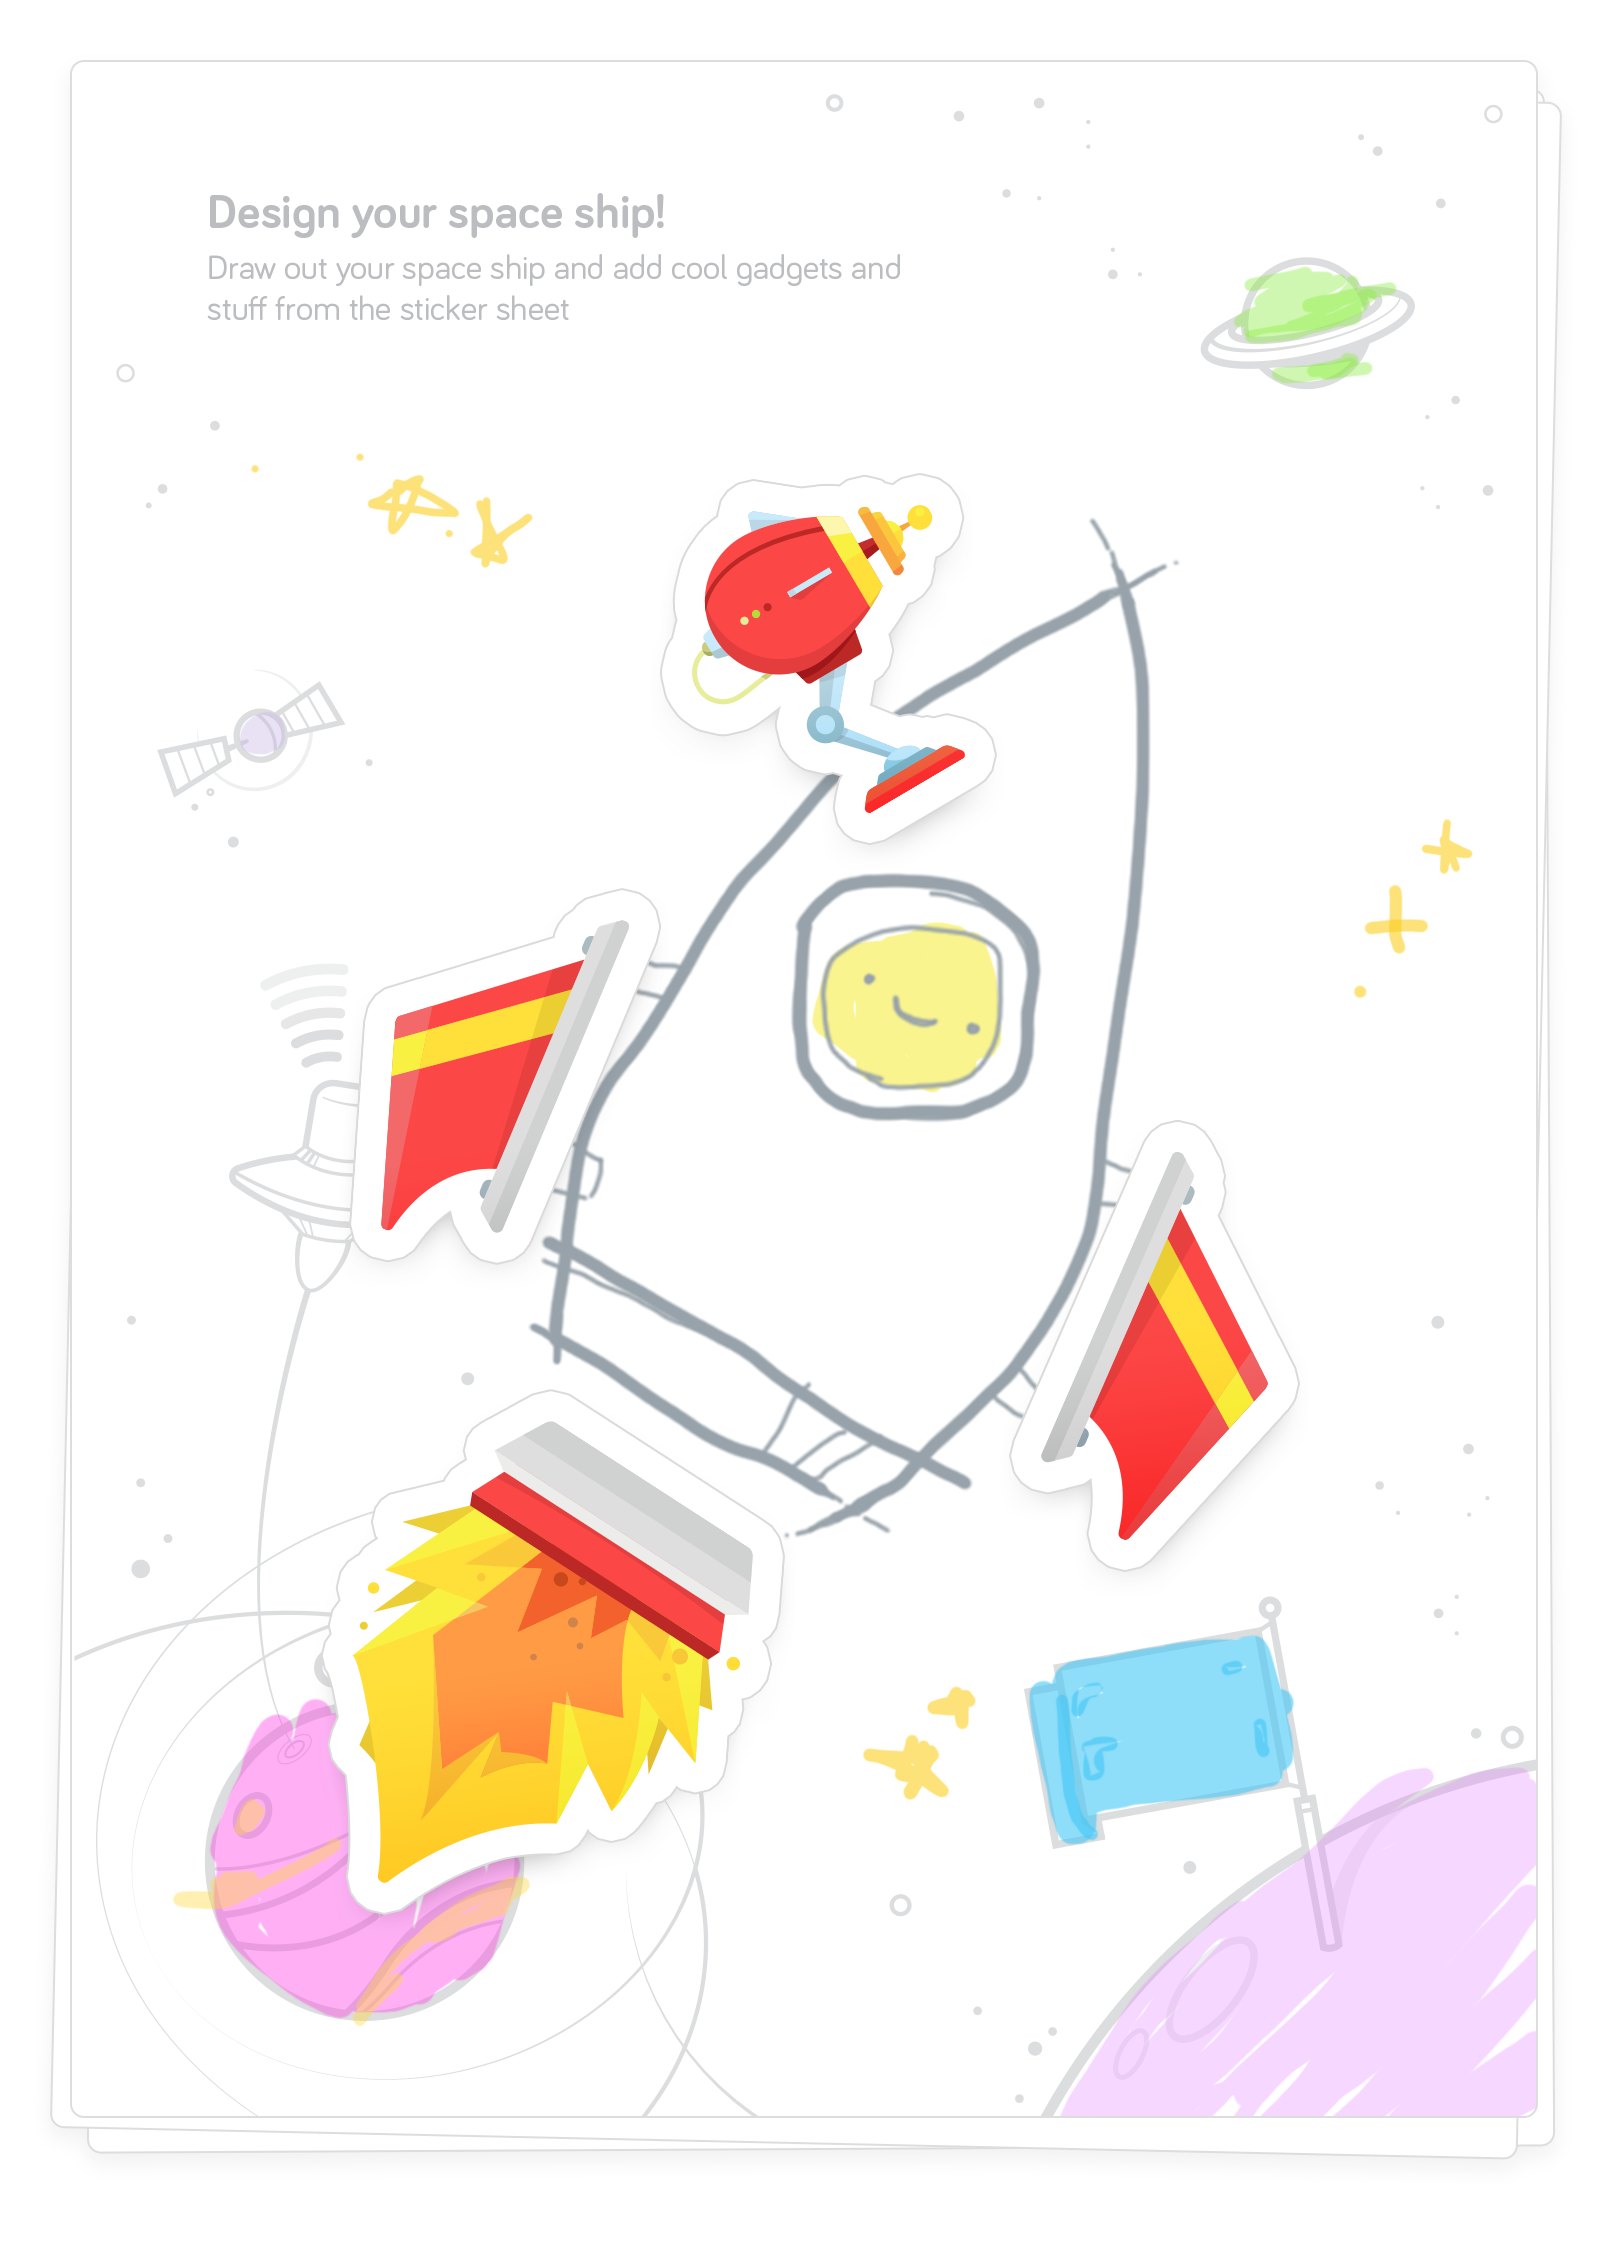 diy-spaceship.png